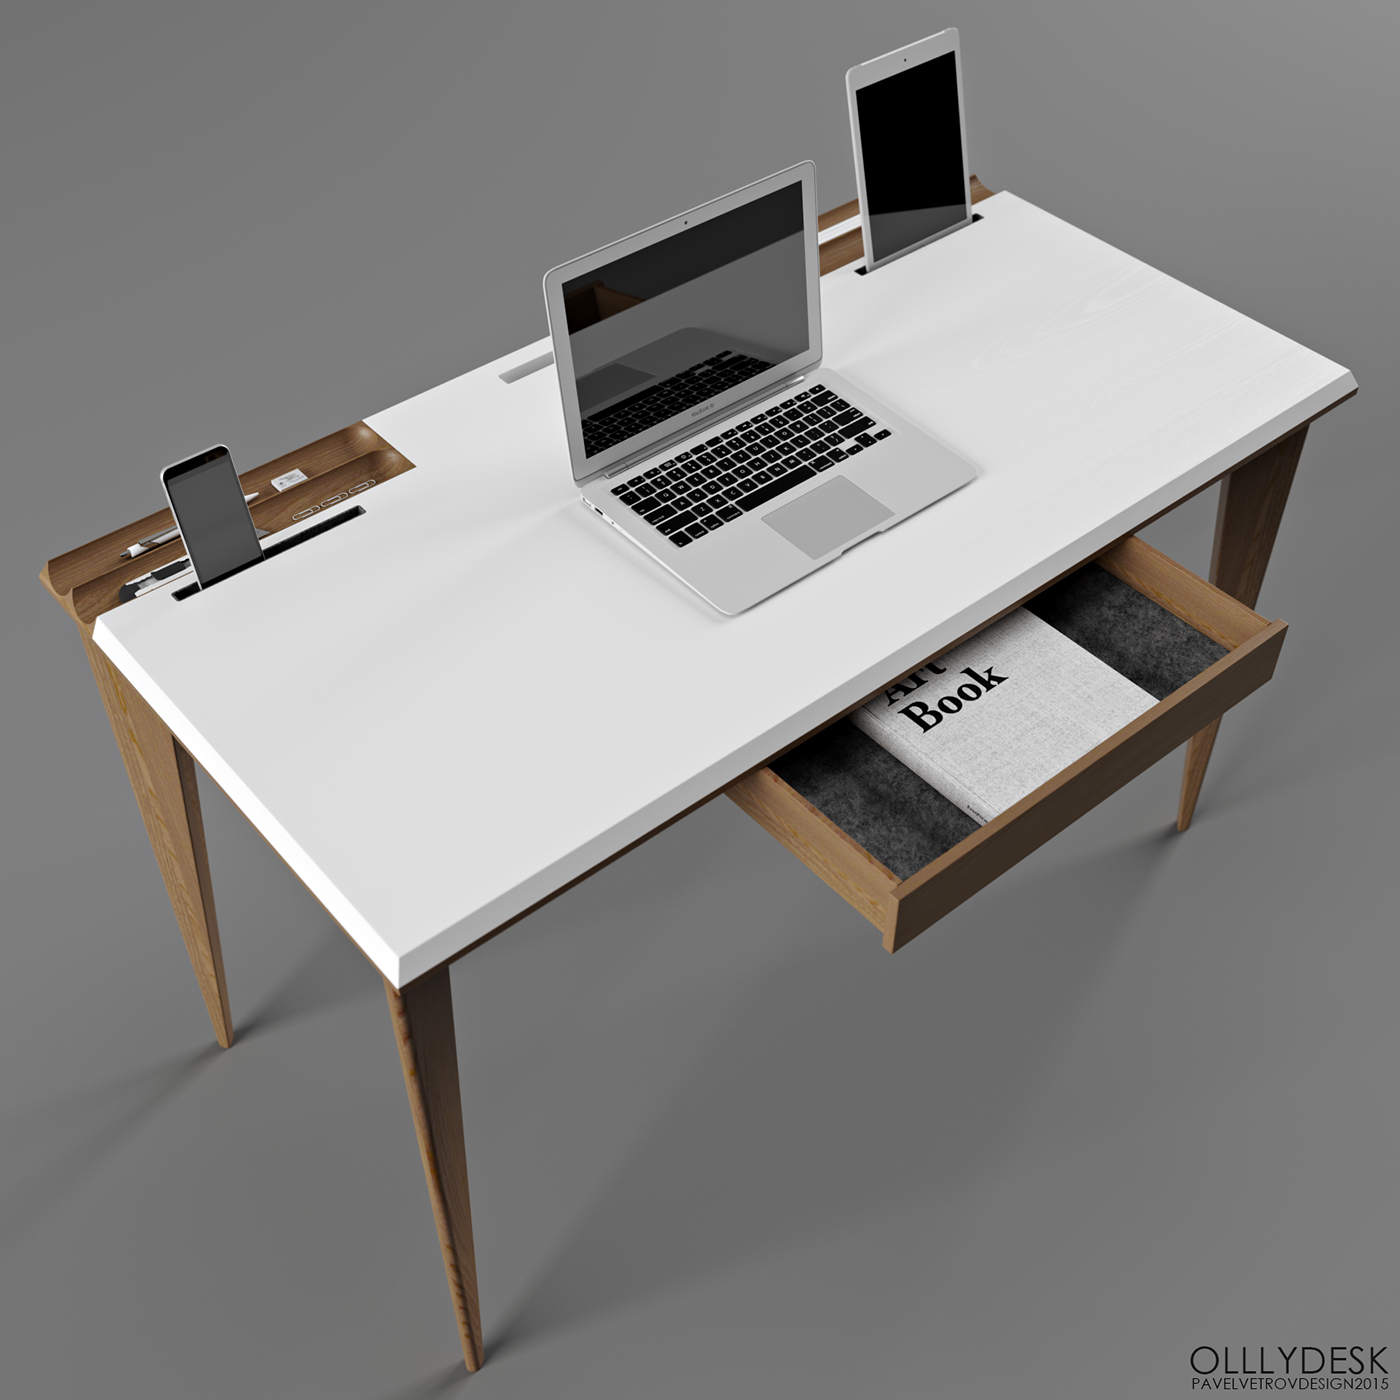 Ollly Desk vetrov design